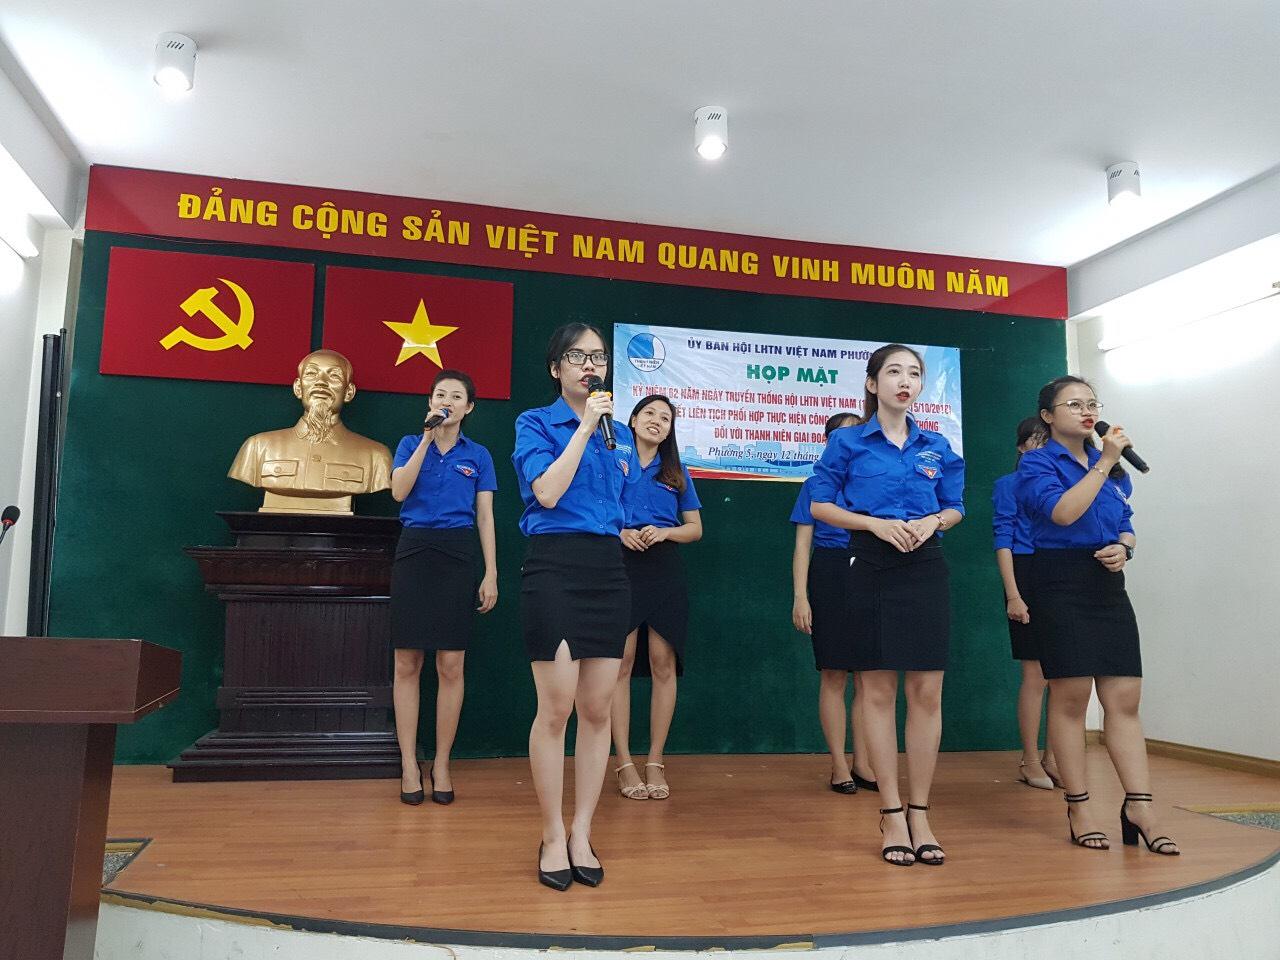 Phường 5 - Lễ kỷ niệm 62 năm ngày thành lập Hội LHTN Việt Nam 15/10